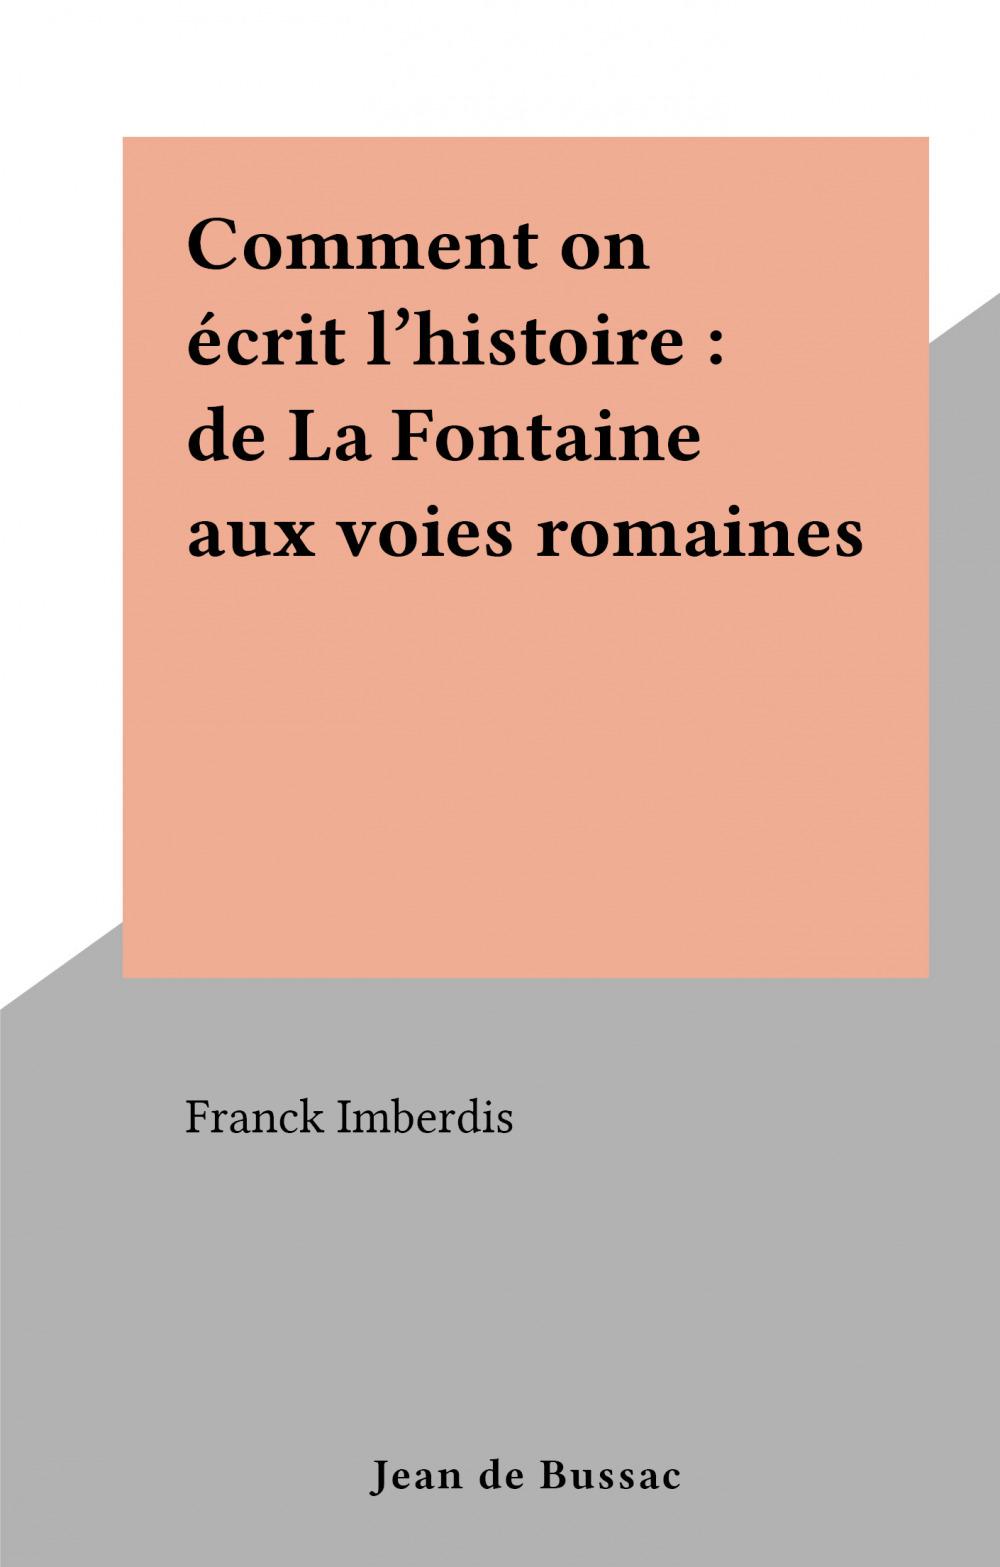 Comment on écrit l'histoire : de La Fontaine aux voies romaines